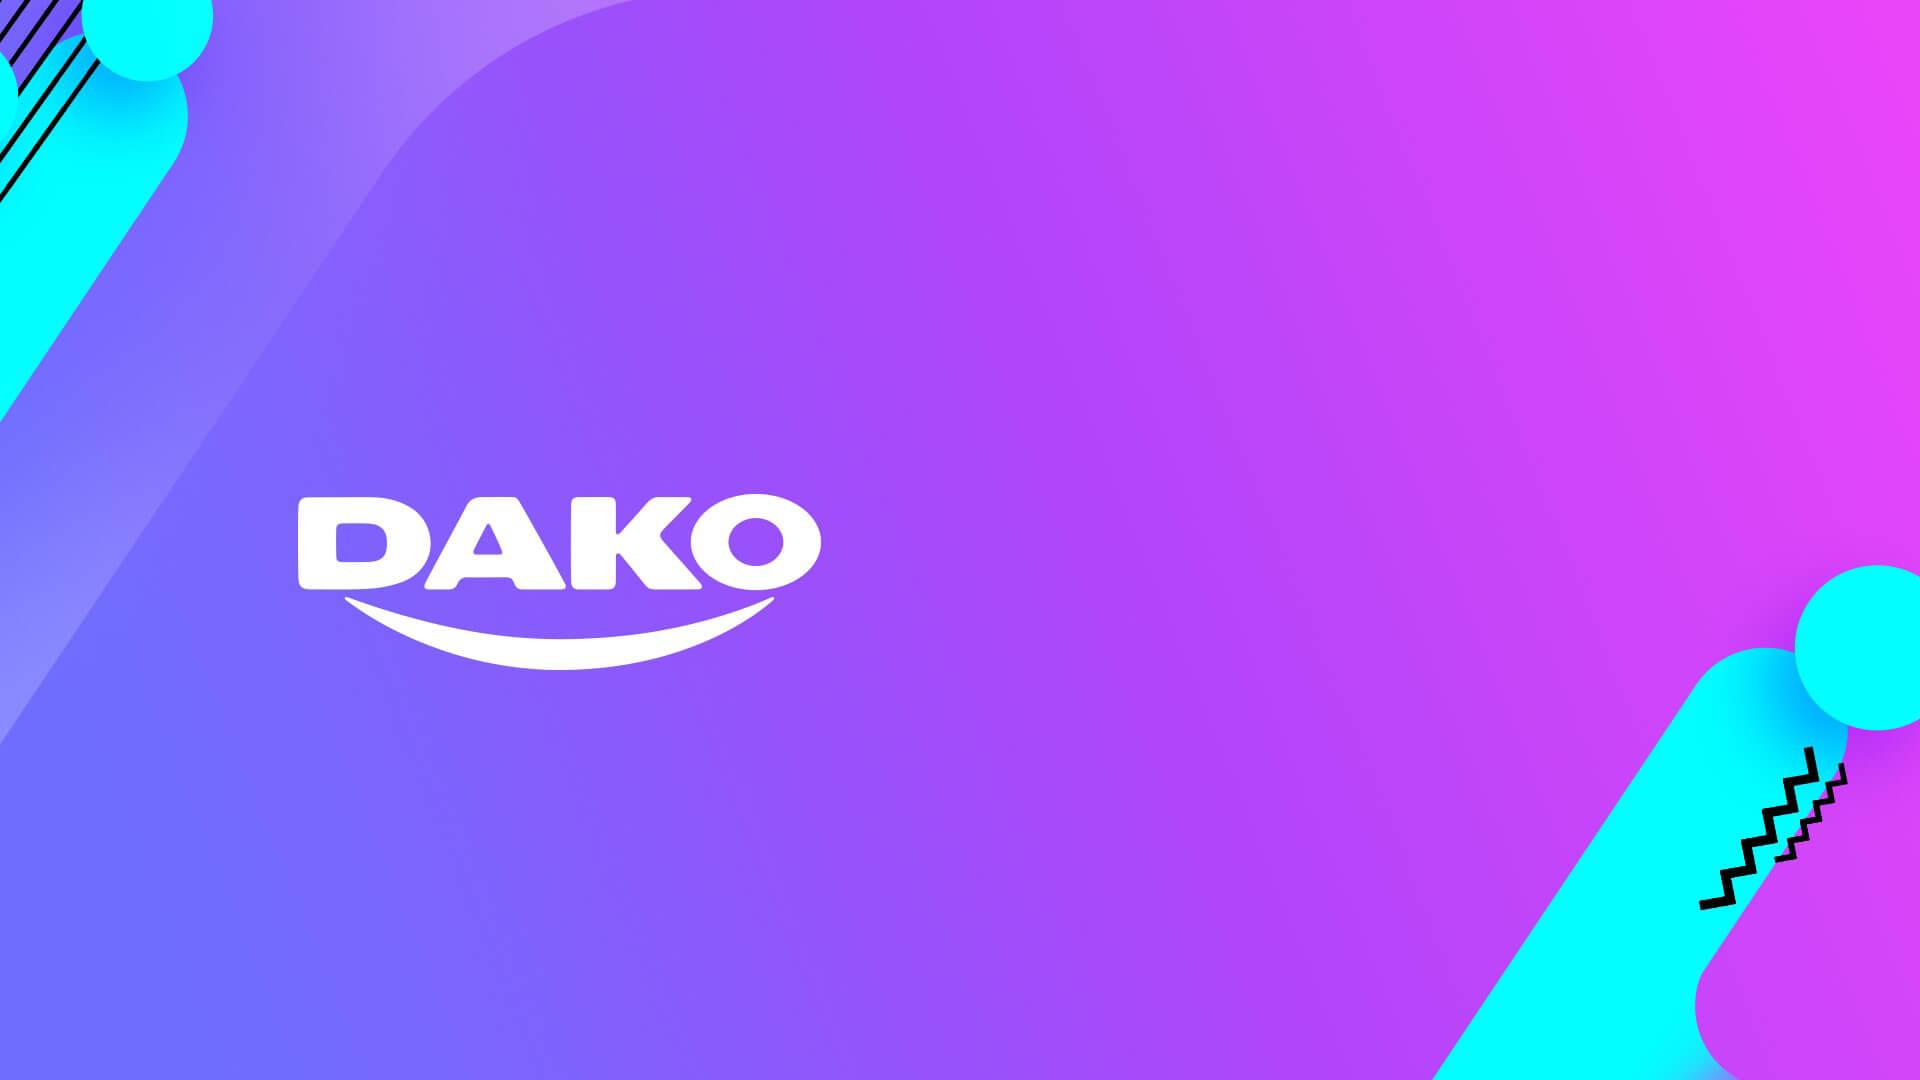 Atlas Eletrodomésticos adquire marca Dako